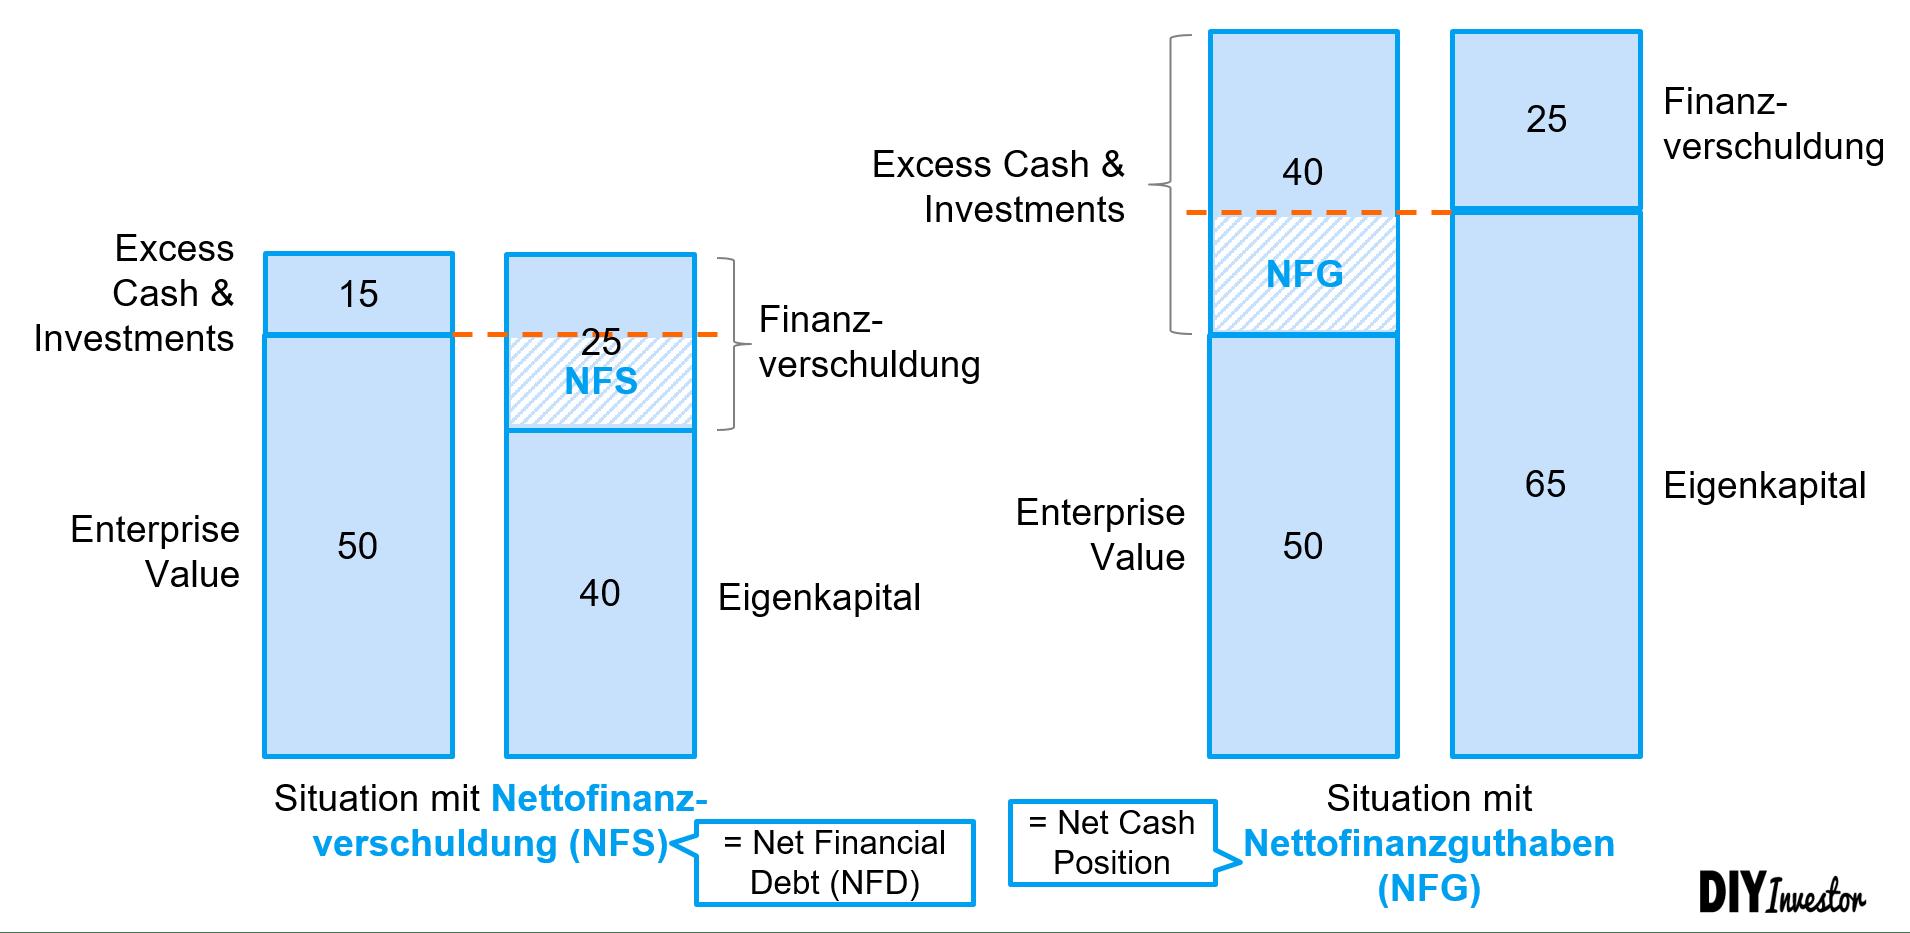 Net Debt - Nettofinanzverschuldung und Nettofinanzguthaben